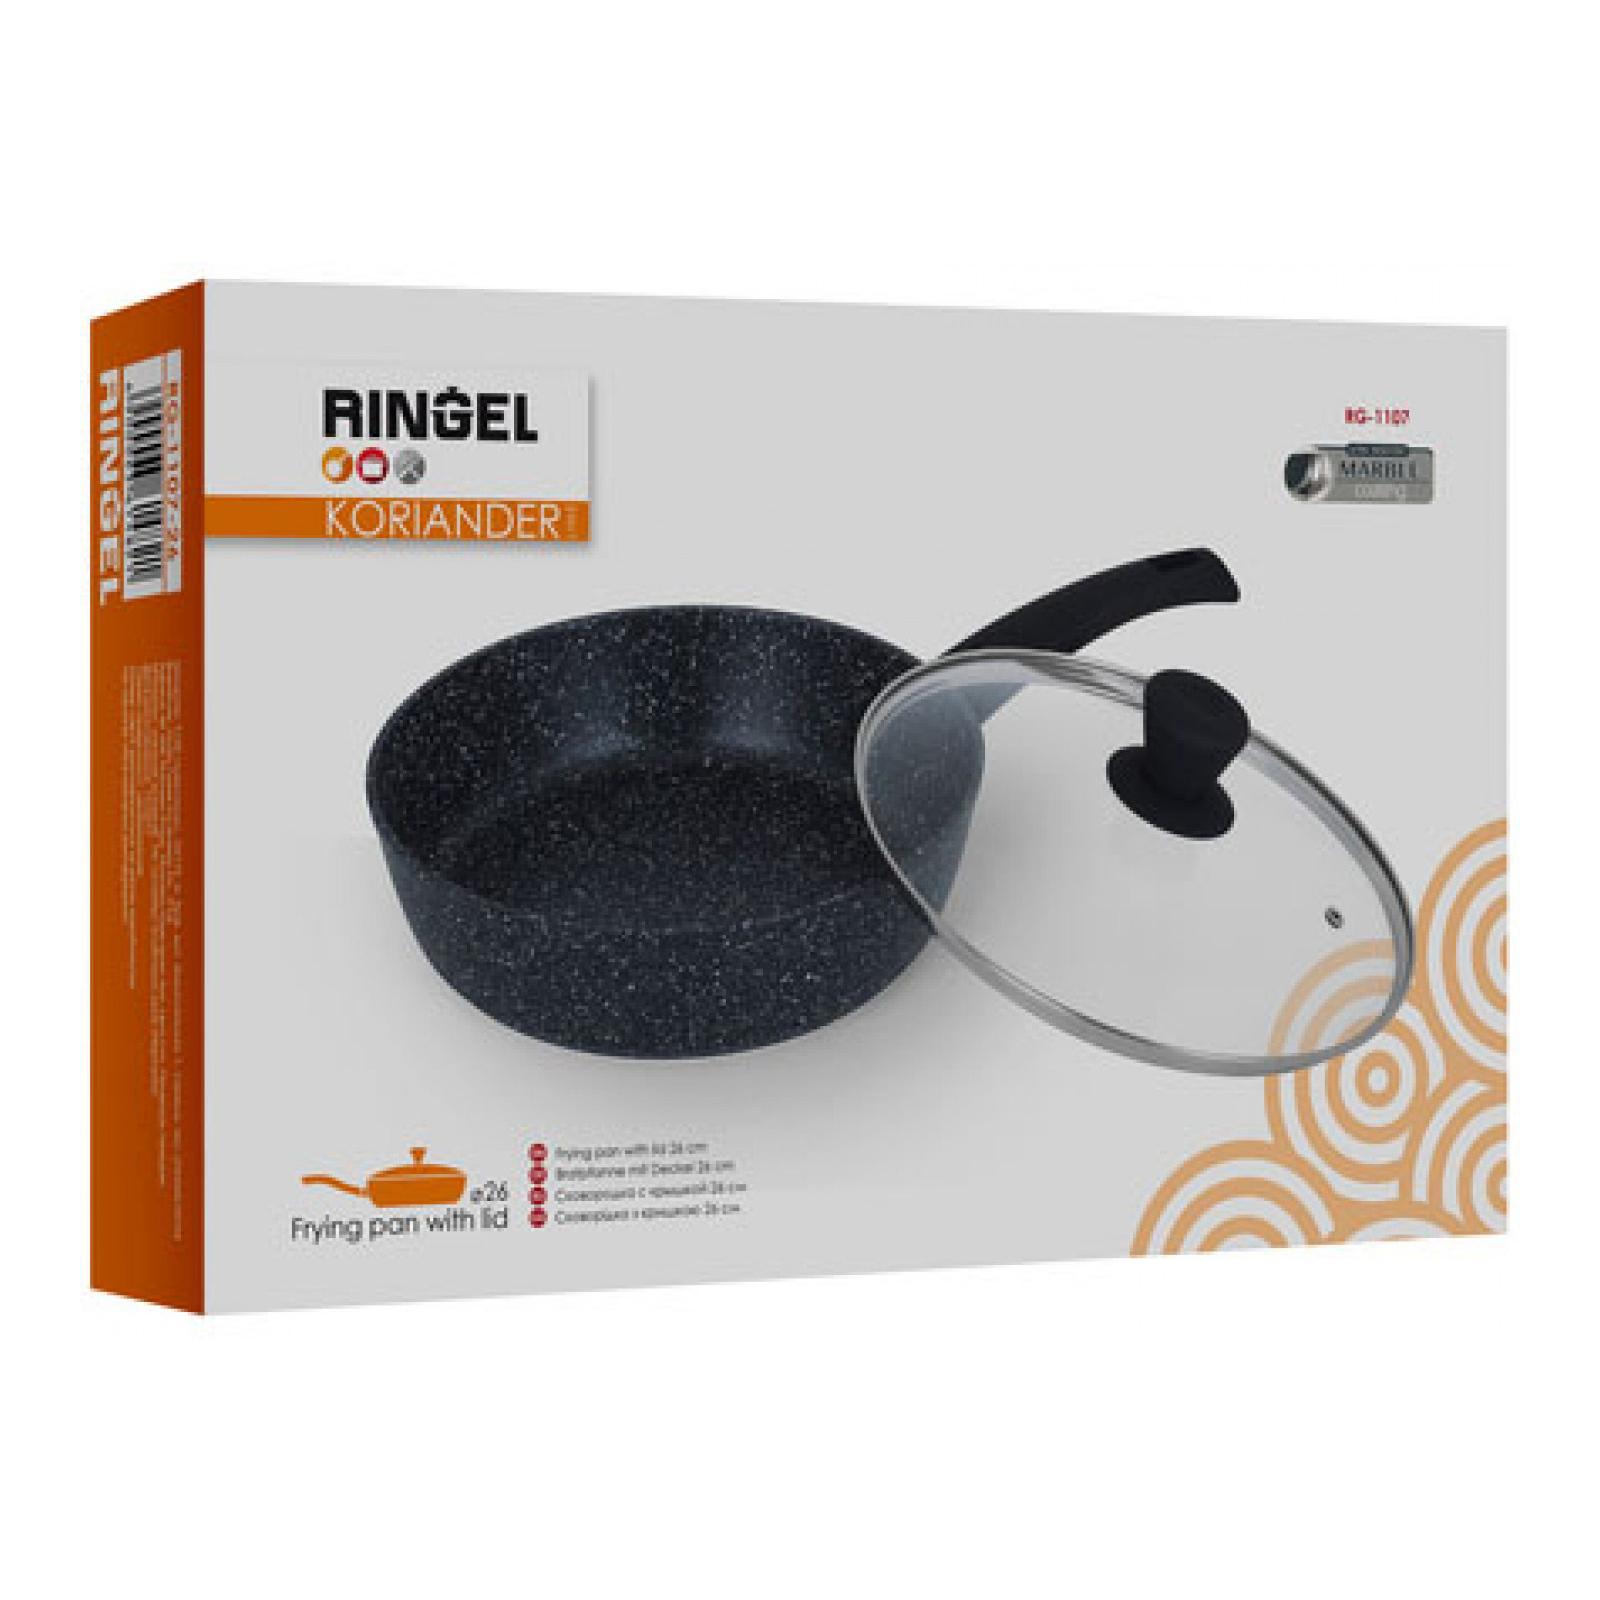 Сковорода Ringel Koriander 22 см (RG-1107-22) изображение 7